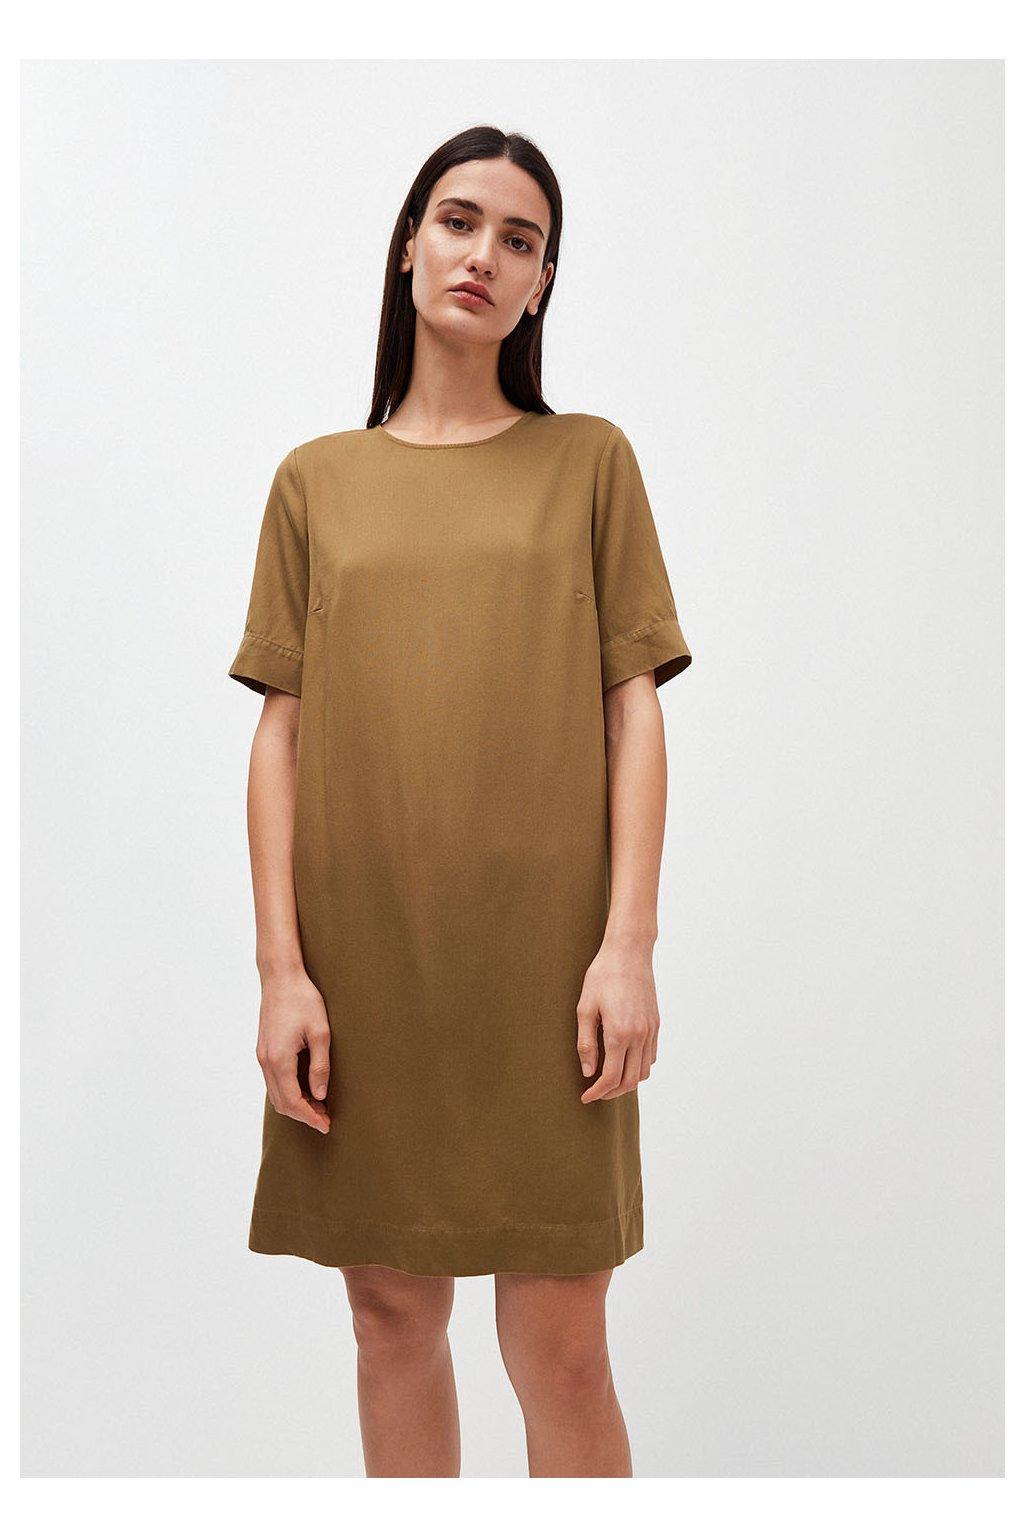 """Dámské hnědé šaty """"MARGITAA golden khaki"""" (Velikost L)"""